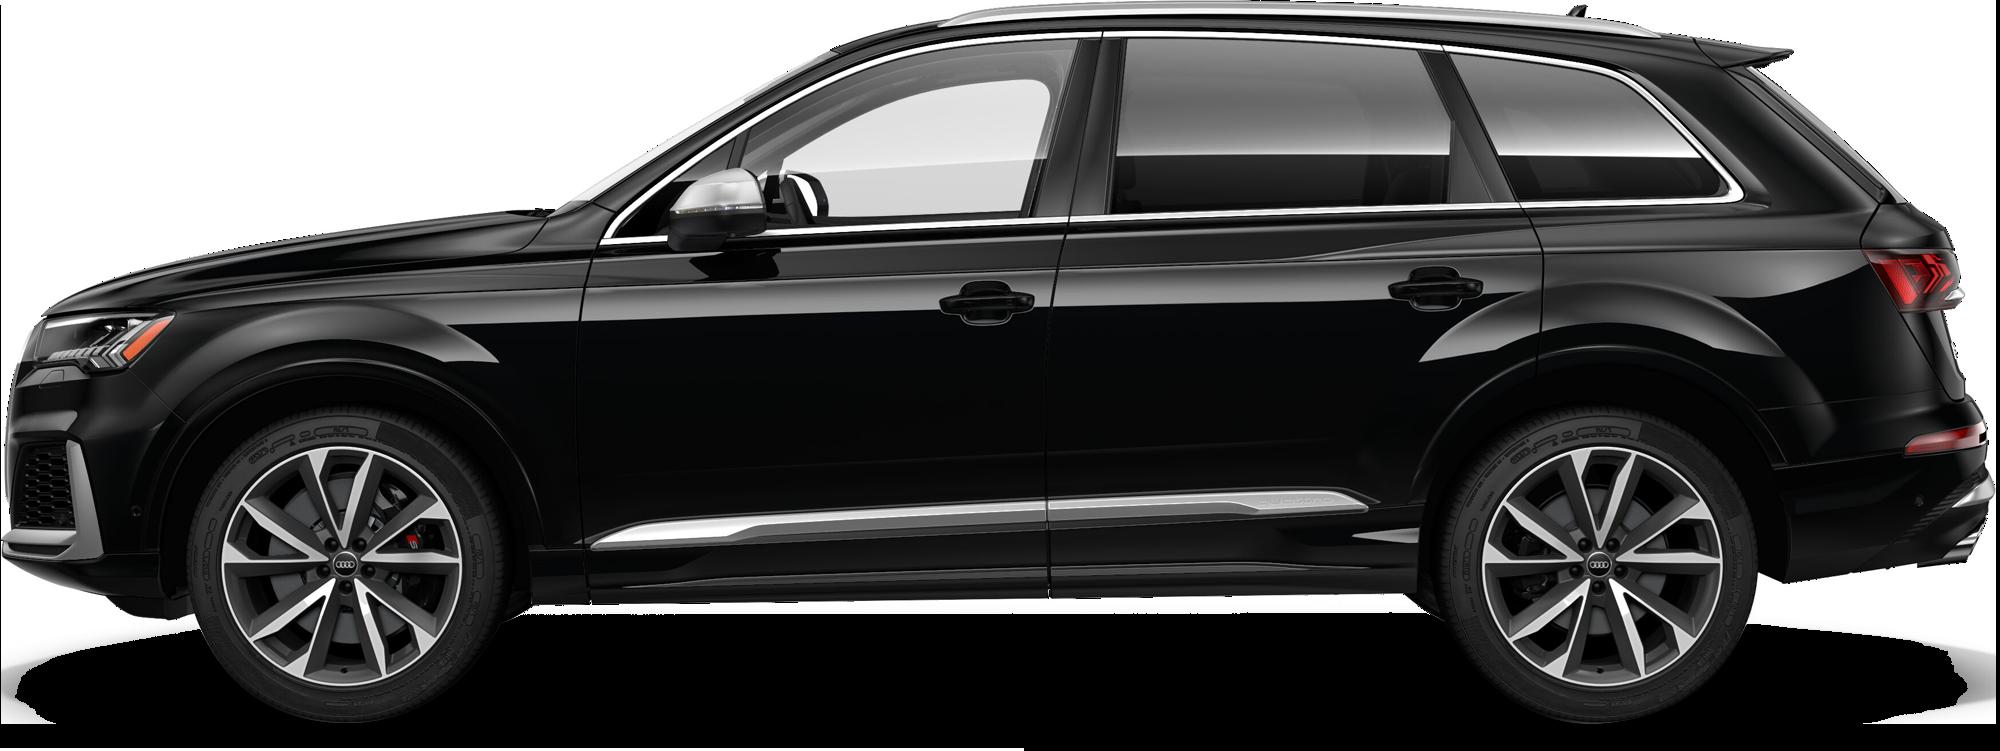 2020 Audi SQ7 SUV 4.0T